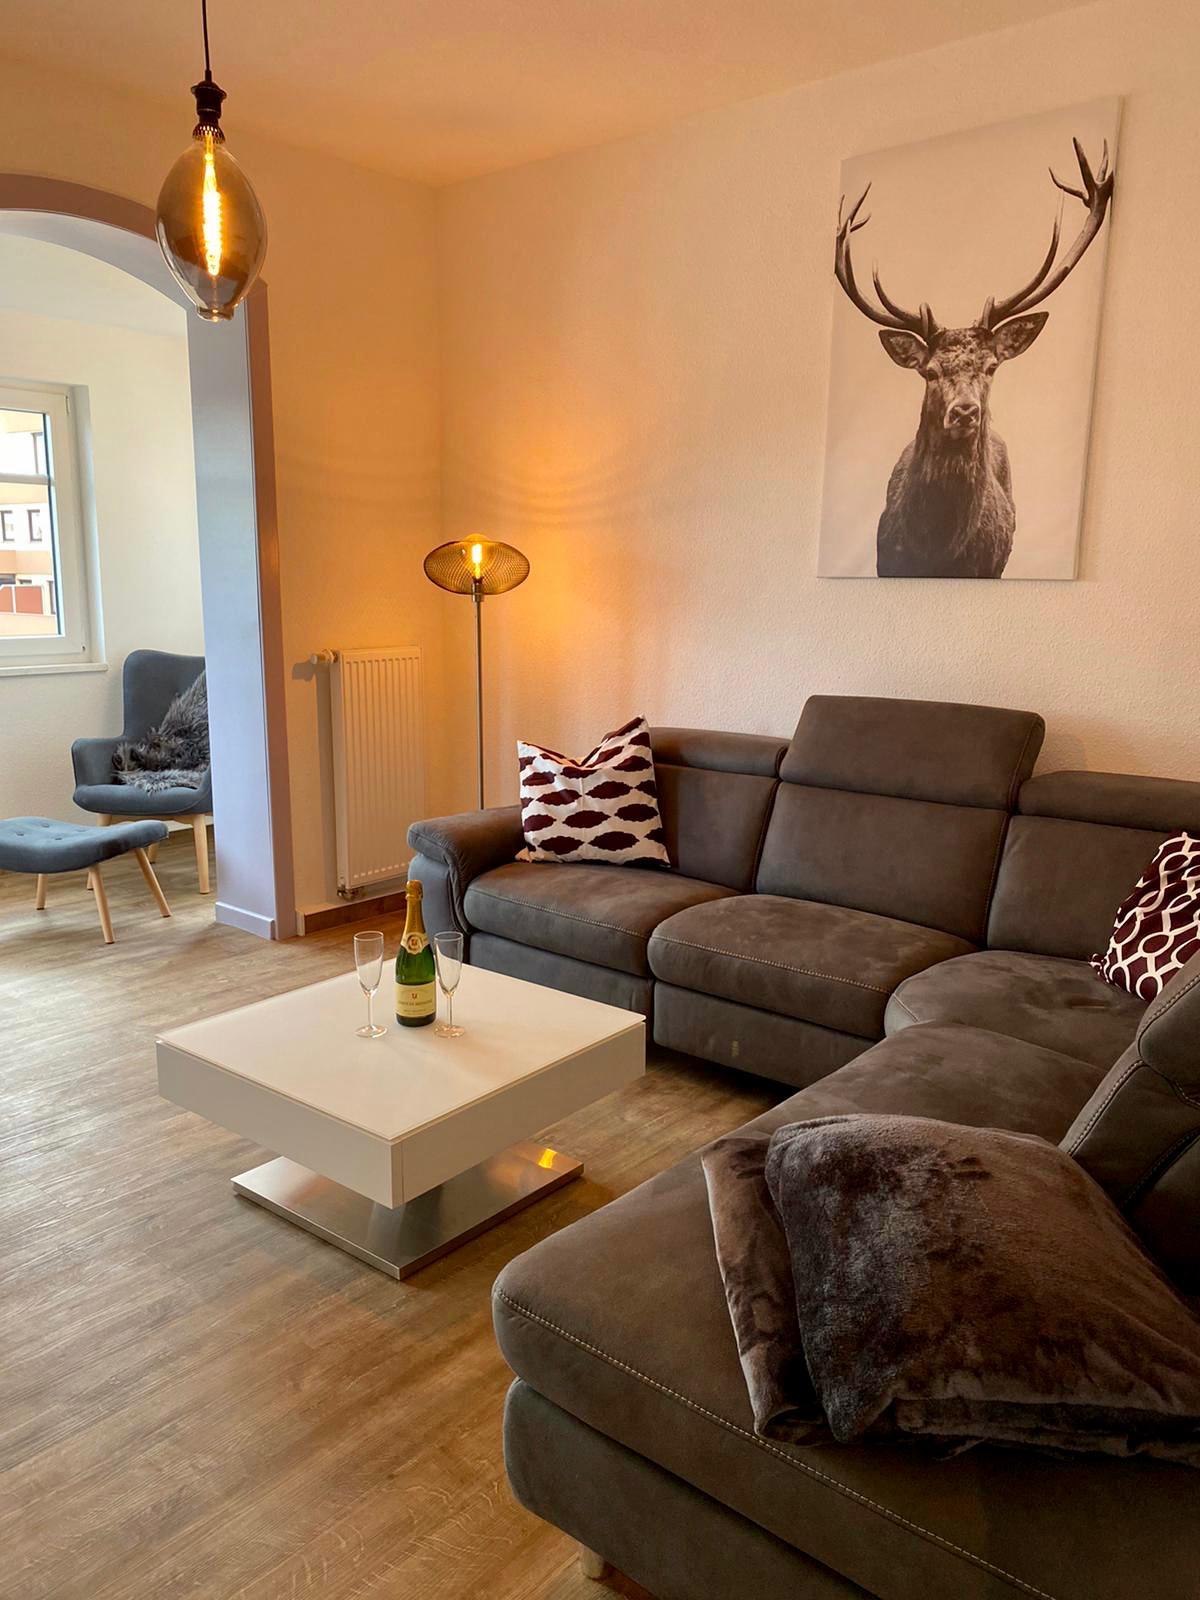 FeWoWa - Bad Sachsa - Ferienwohnung Goetheblick - Wohnzimmer